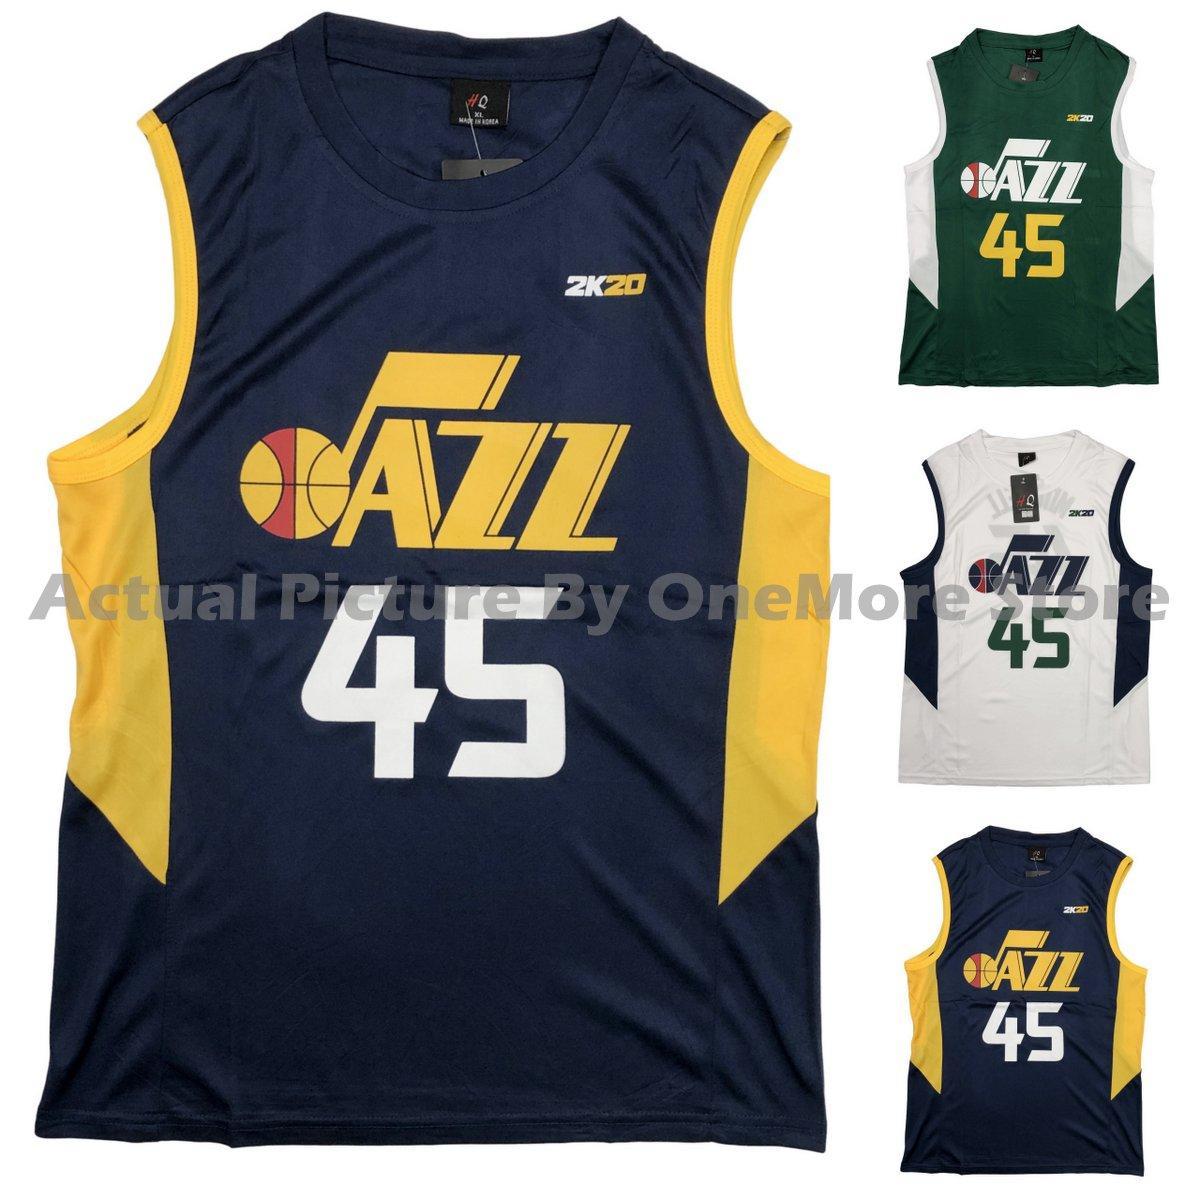 promo code 6e088 5c1c1 OneMore NBA Jersey Jazz #45 Mitchell Drifit Jersey Good Quality